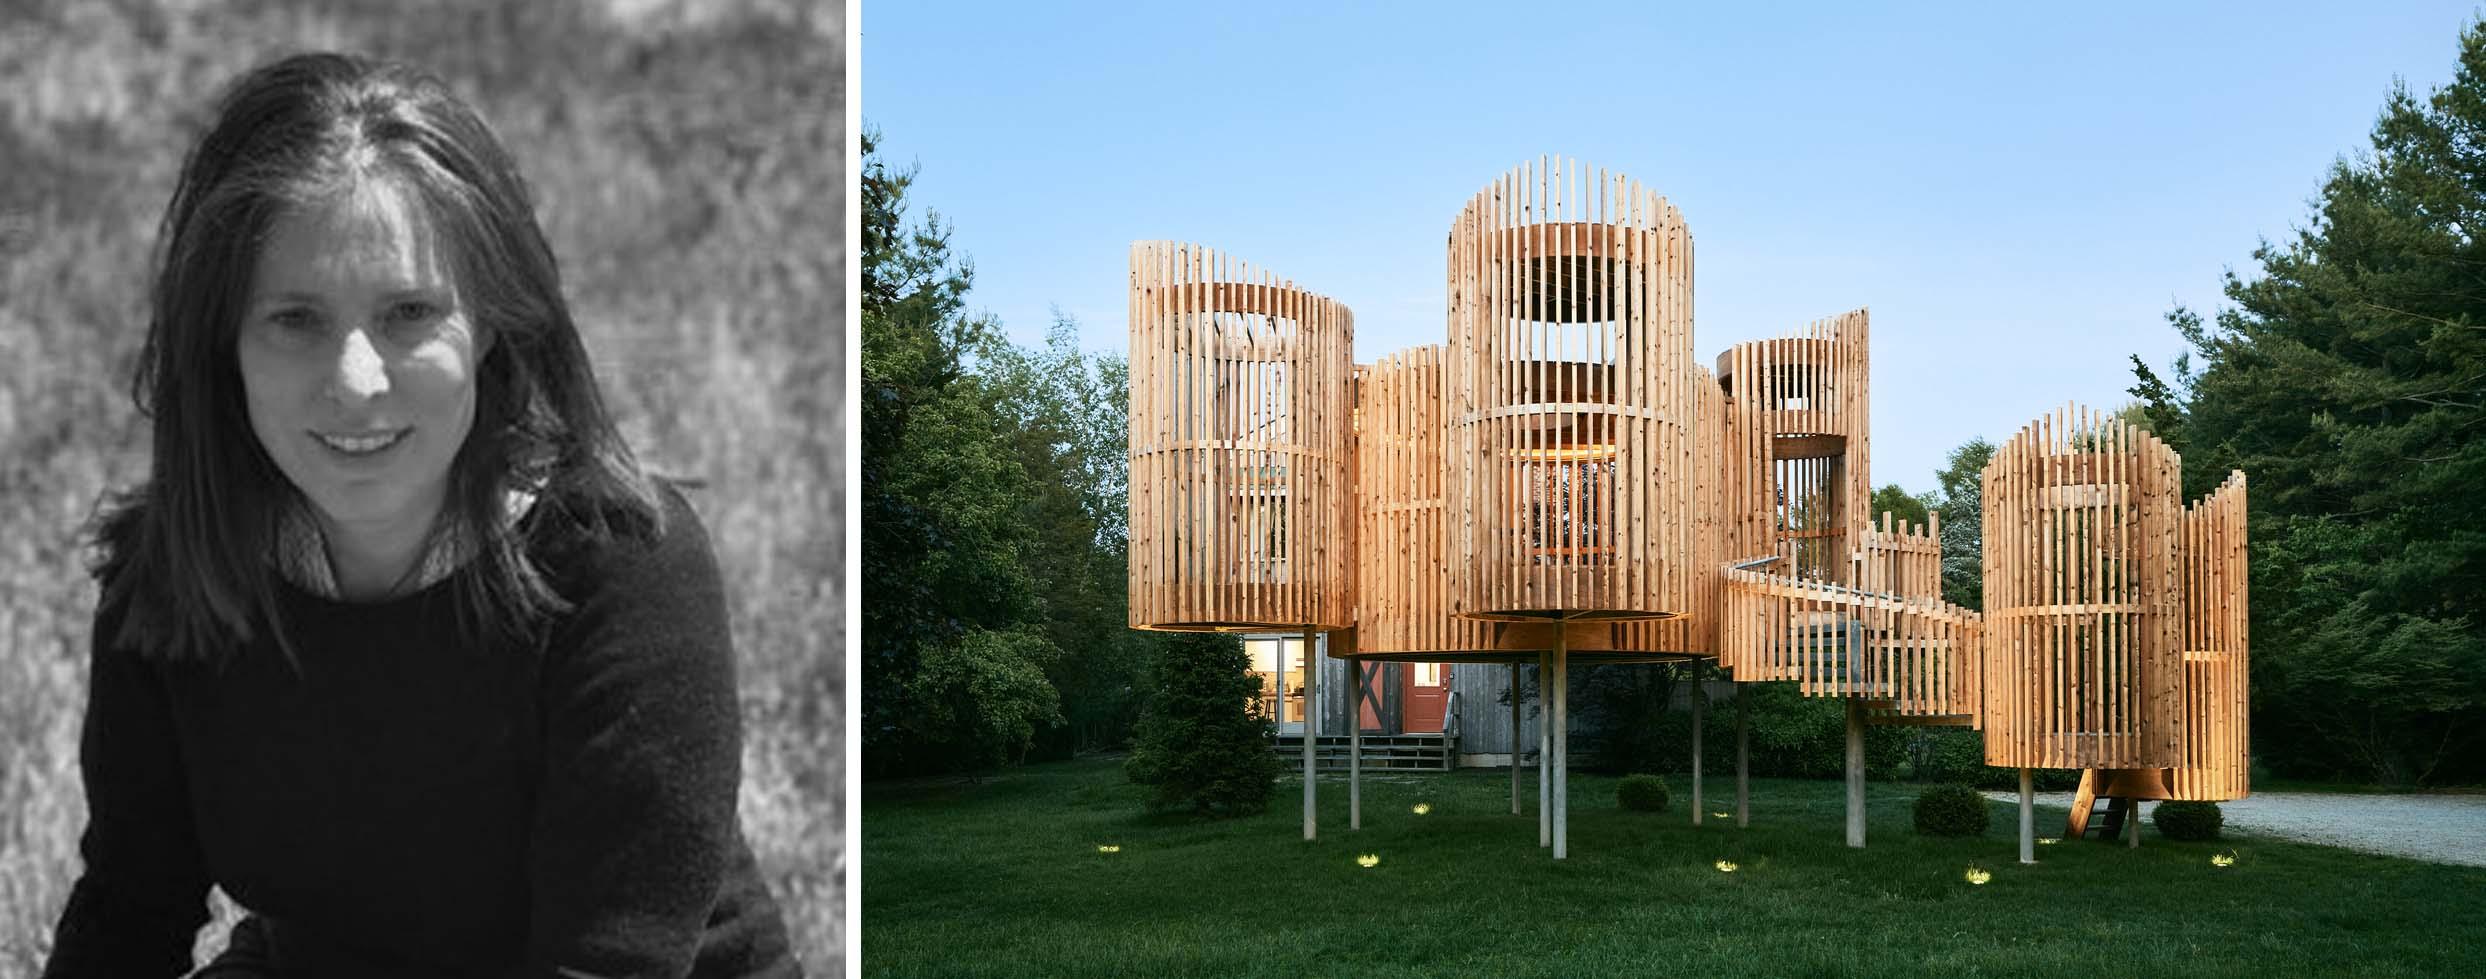 Trái: Valerie Schweitzer qua Houzz; Phải: Bên ngoài Pavillion, Water Mill, NY, Người lọt vào vòng chung kết của Giải thưởng A + 2020 ở hạng mục Khu vườn riêng